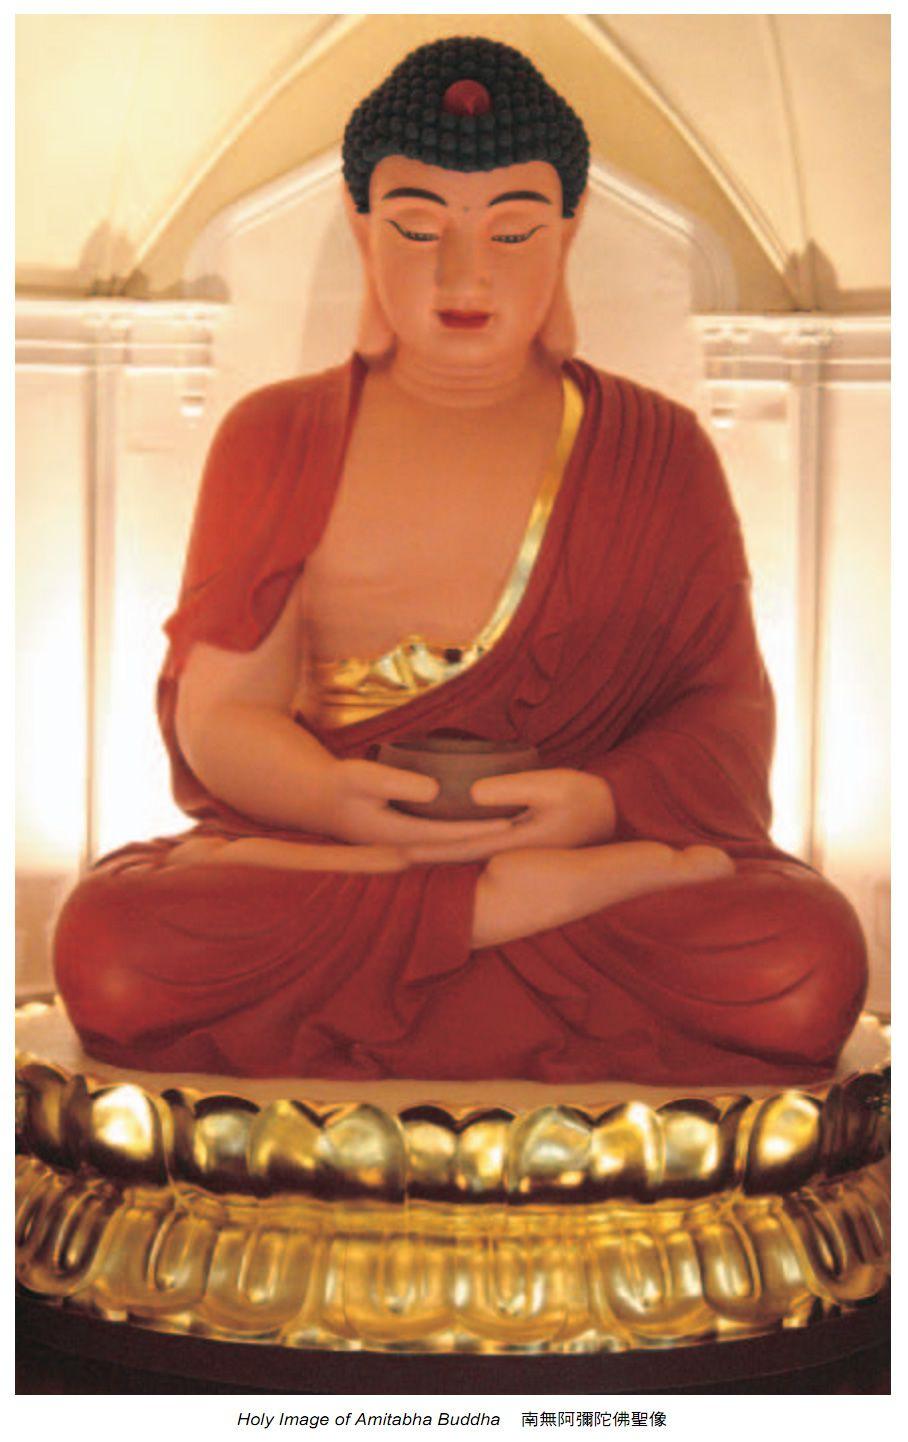 《多杰羌佛第三世》-佛像設計造型(418-422頁)